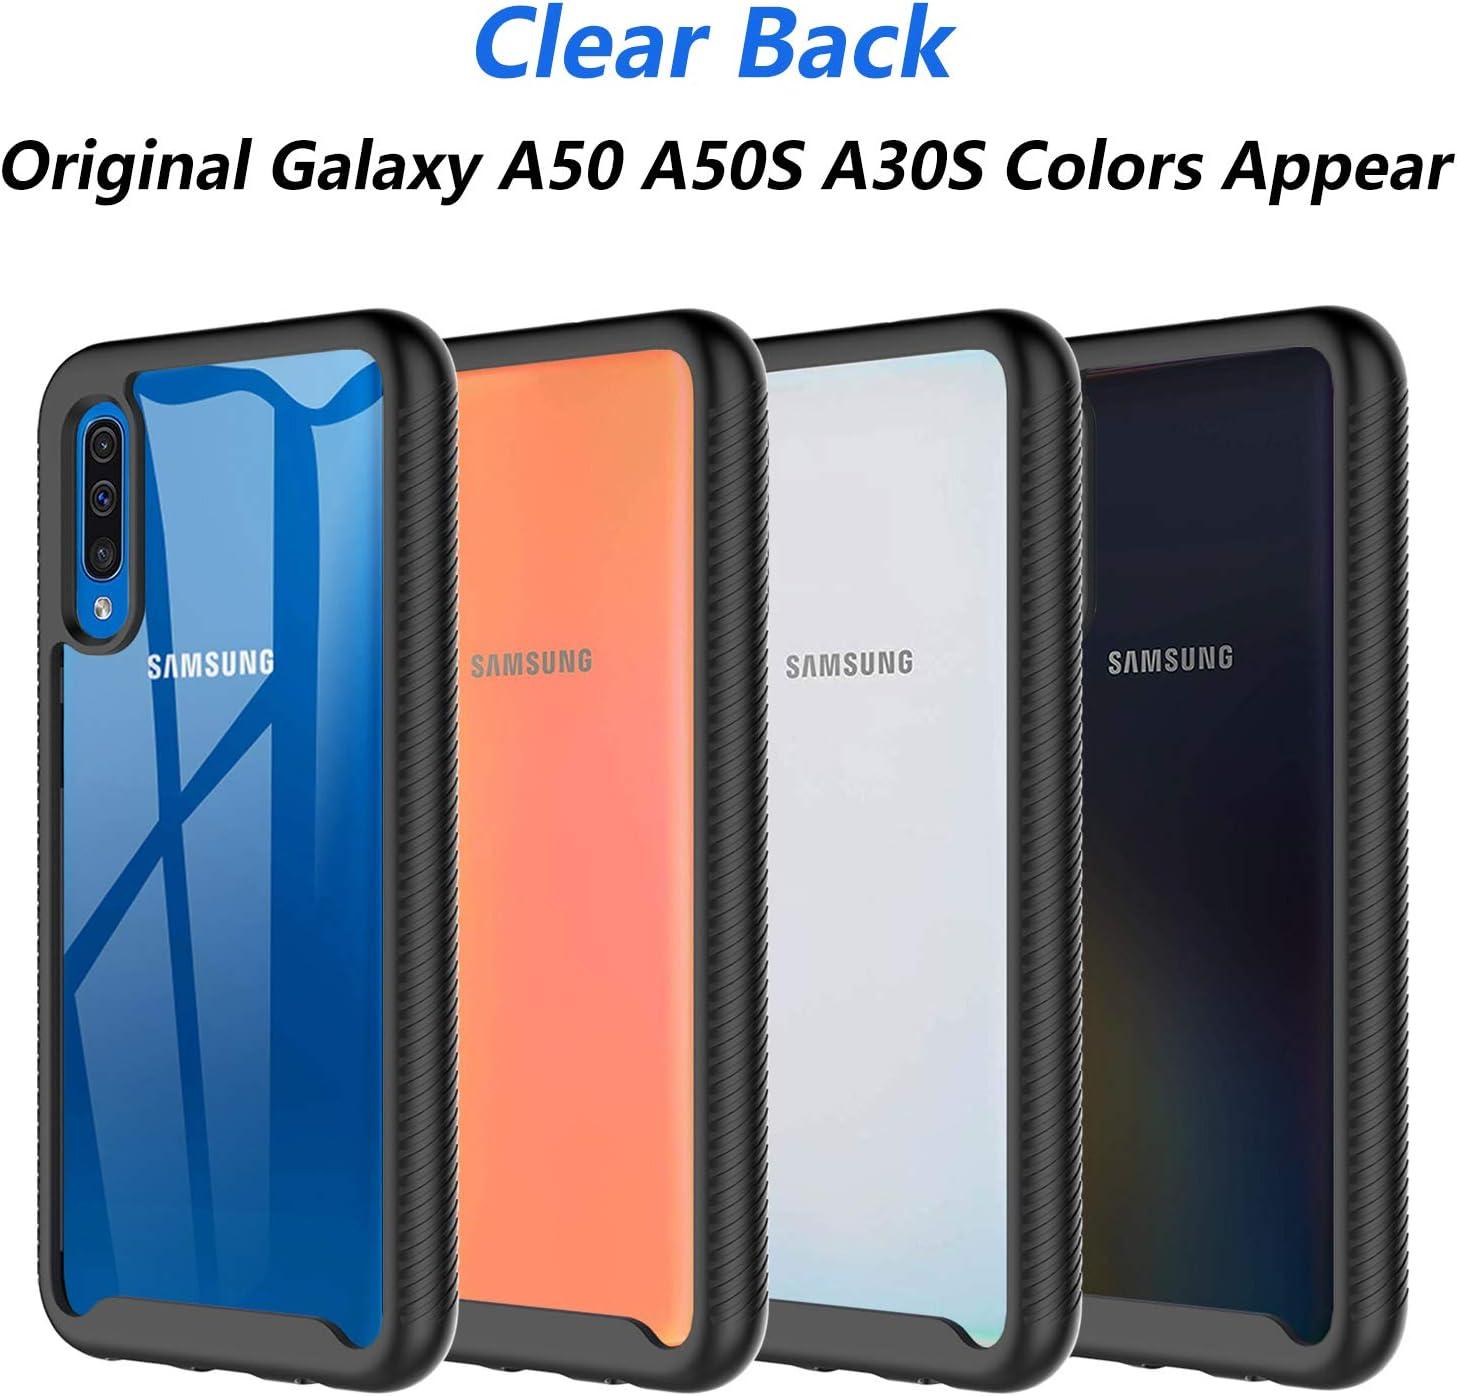 CASEWRS Funda para Samsung Galaxy A50 A30s A50s Carcasa Caso Silicona Anti-Ara/ñazos Absorci/ón de Choque con Marco Reforzado de TPU Suave y Esquinas Reforzadas para Samsung Galaxy A50 A30s